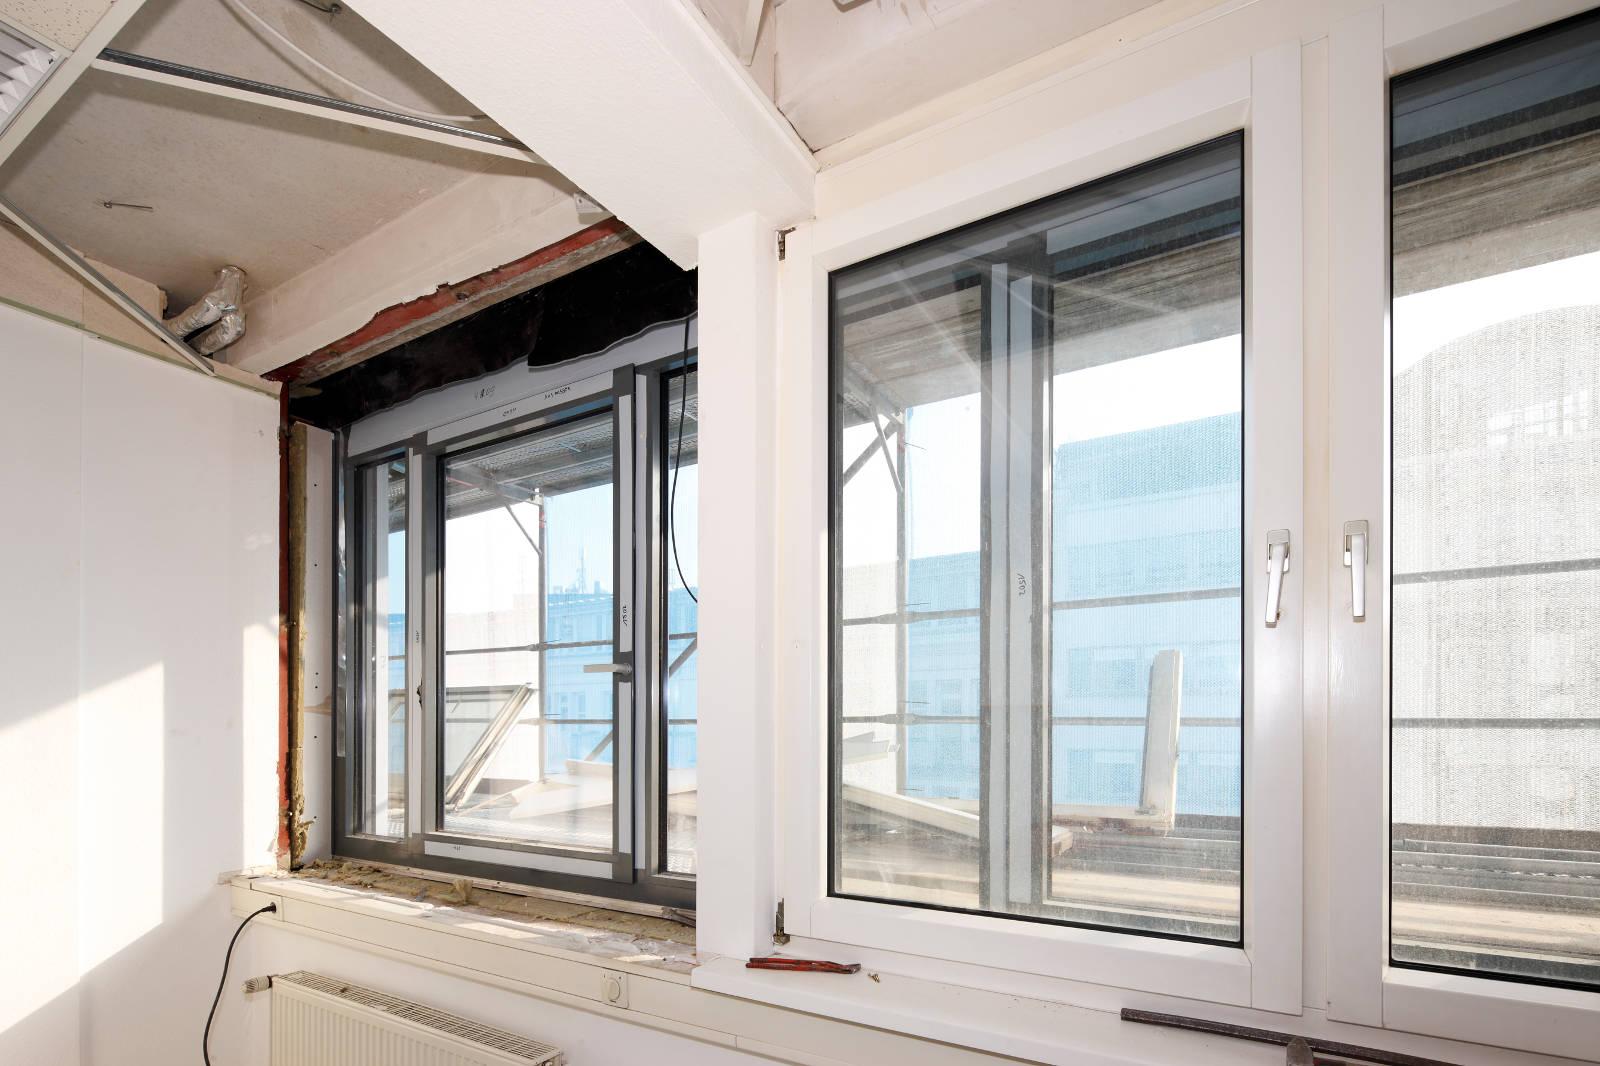 vakkundig ramen en deuren monteren 1600x1066